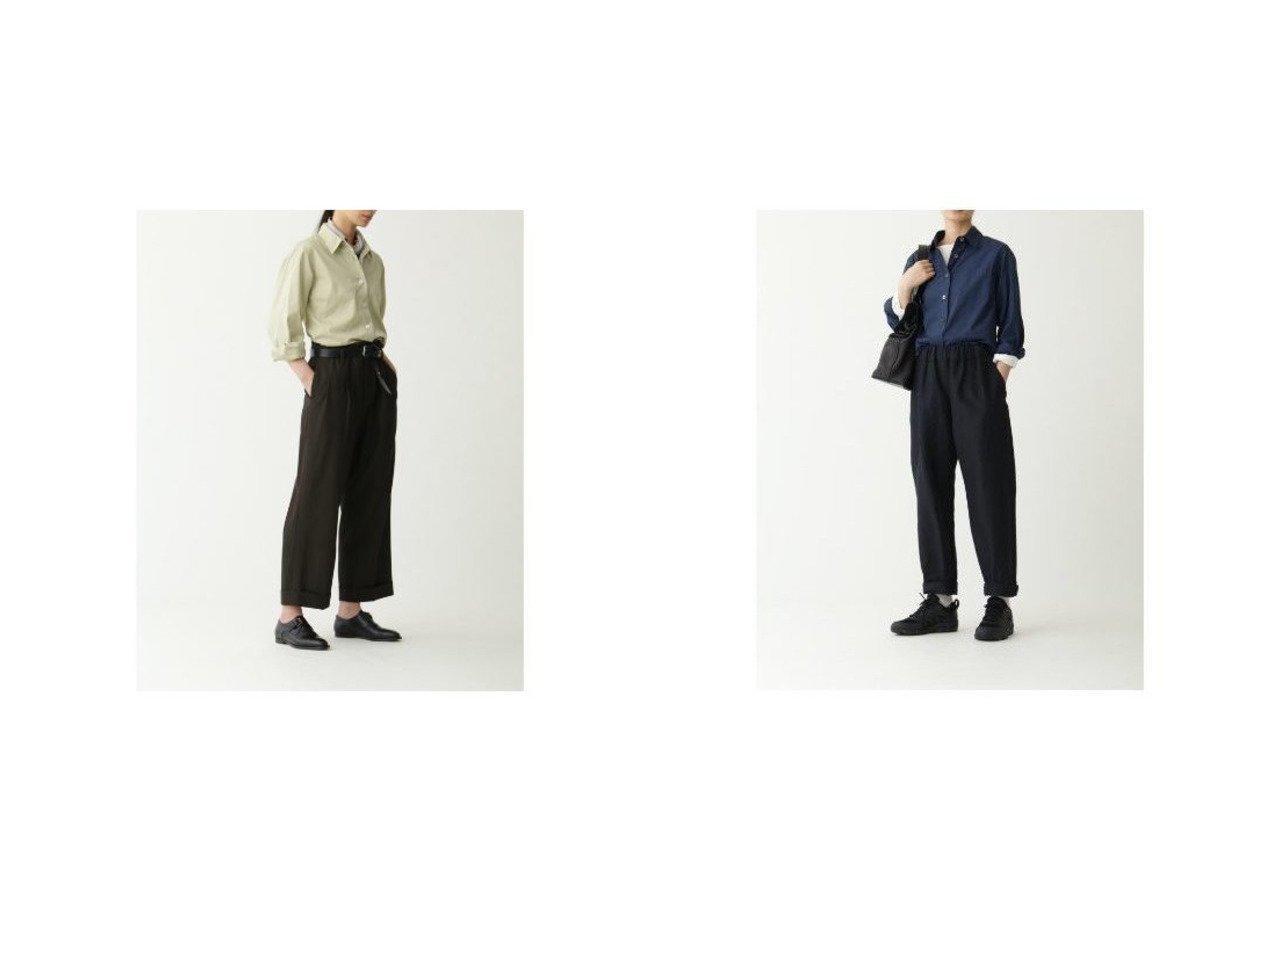 【MARGARET HOWELL/マーガレットハウエル】のCOMPACT COTTON WOOL&PLAINWEAVE WOOL LINEN 【パンツ】おすすめ!人気、トレンド・レディースファッションの通販   おすすめで人気の流行・トレンド、ファッションの通販商品 インテリア・家具・メンズファッション・キッズファッション・レディースファッション・服の通販 founy(ファニー) https://founy.com/ ファッション Fashion レディースファッション WOMEN パンツ Pants ギャザー テーラード ドローコード フラップ フロント ポケット リネン リラックス クロップド ツイル |ID:crp329100000065891